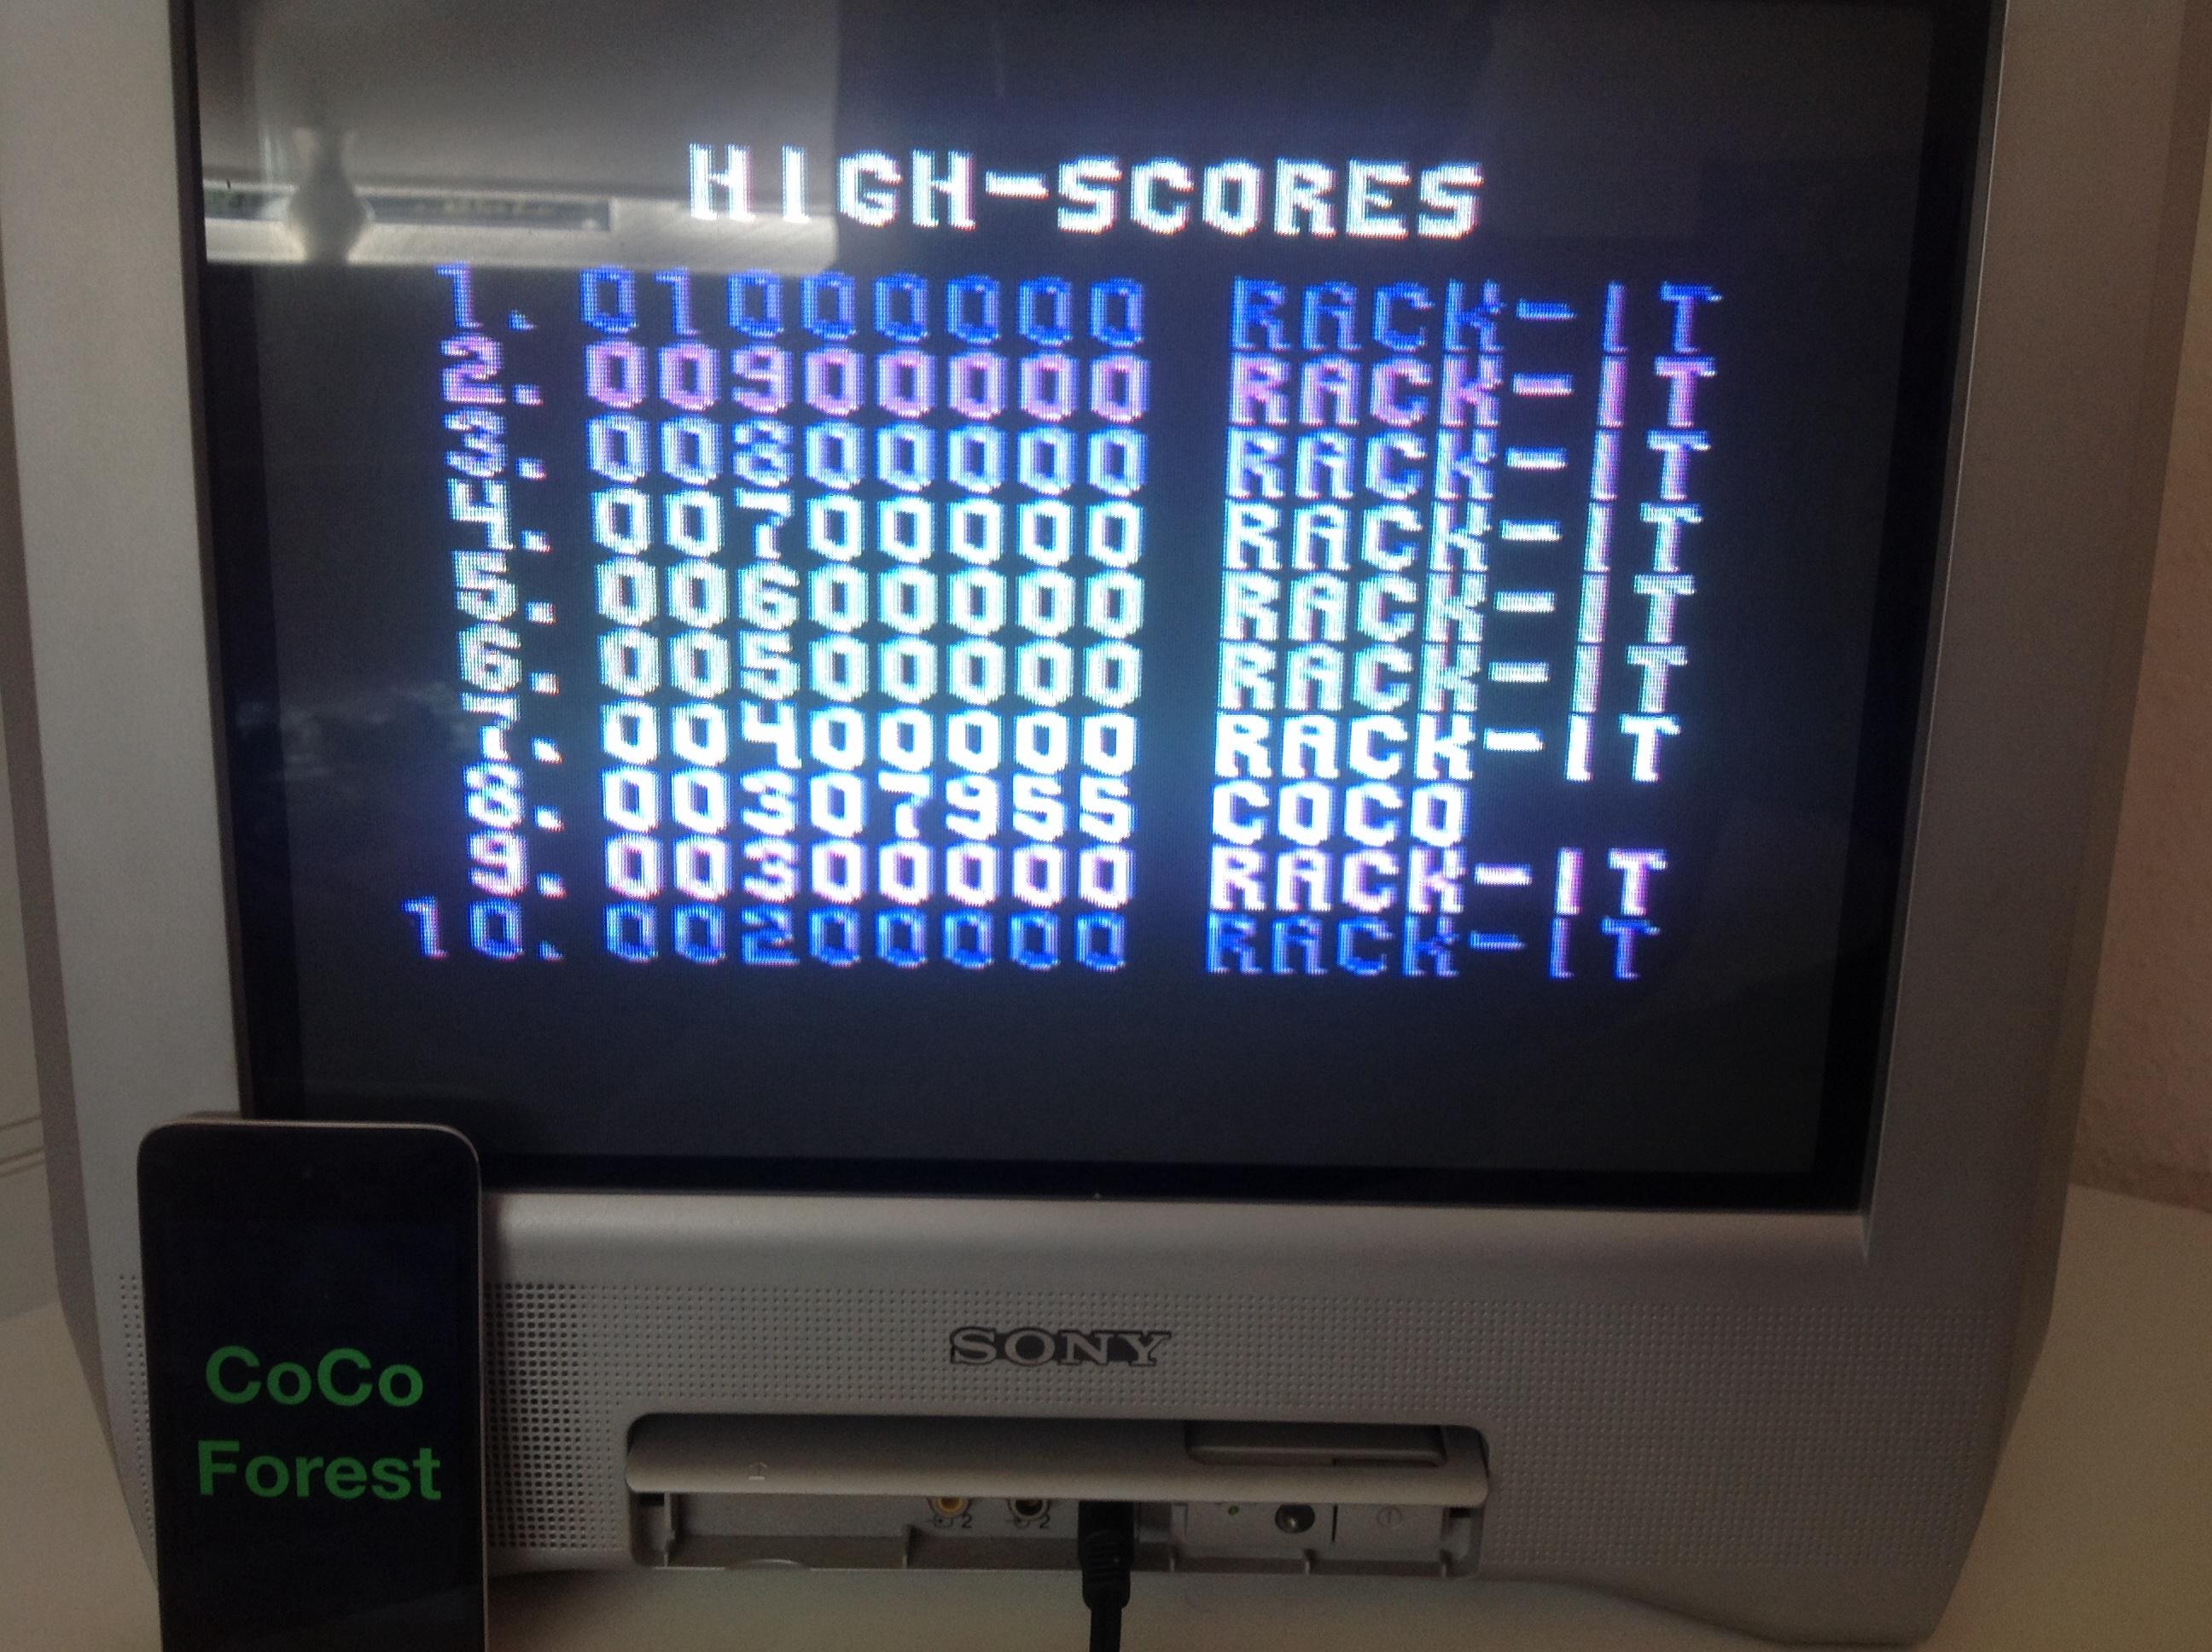 CoCoForest: Zamzara (Commodore 64) 307,955 points on 2014-09-07 08:29:34